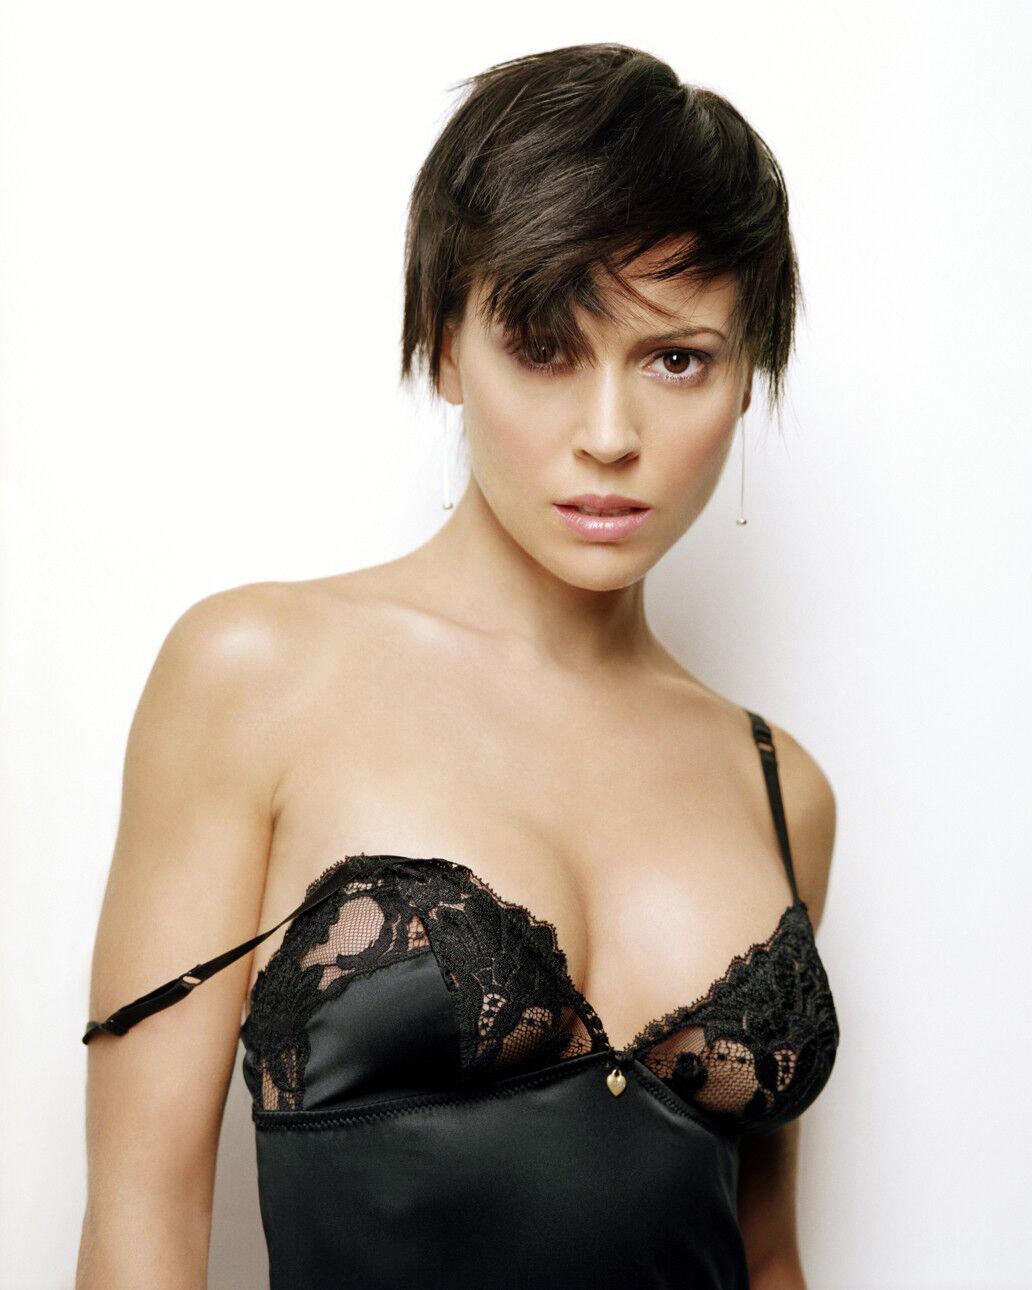 Alyssa milano 8x10 celebrity photo picture pic hot sexy 84